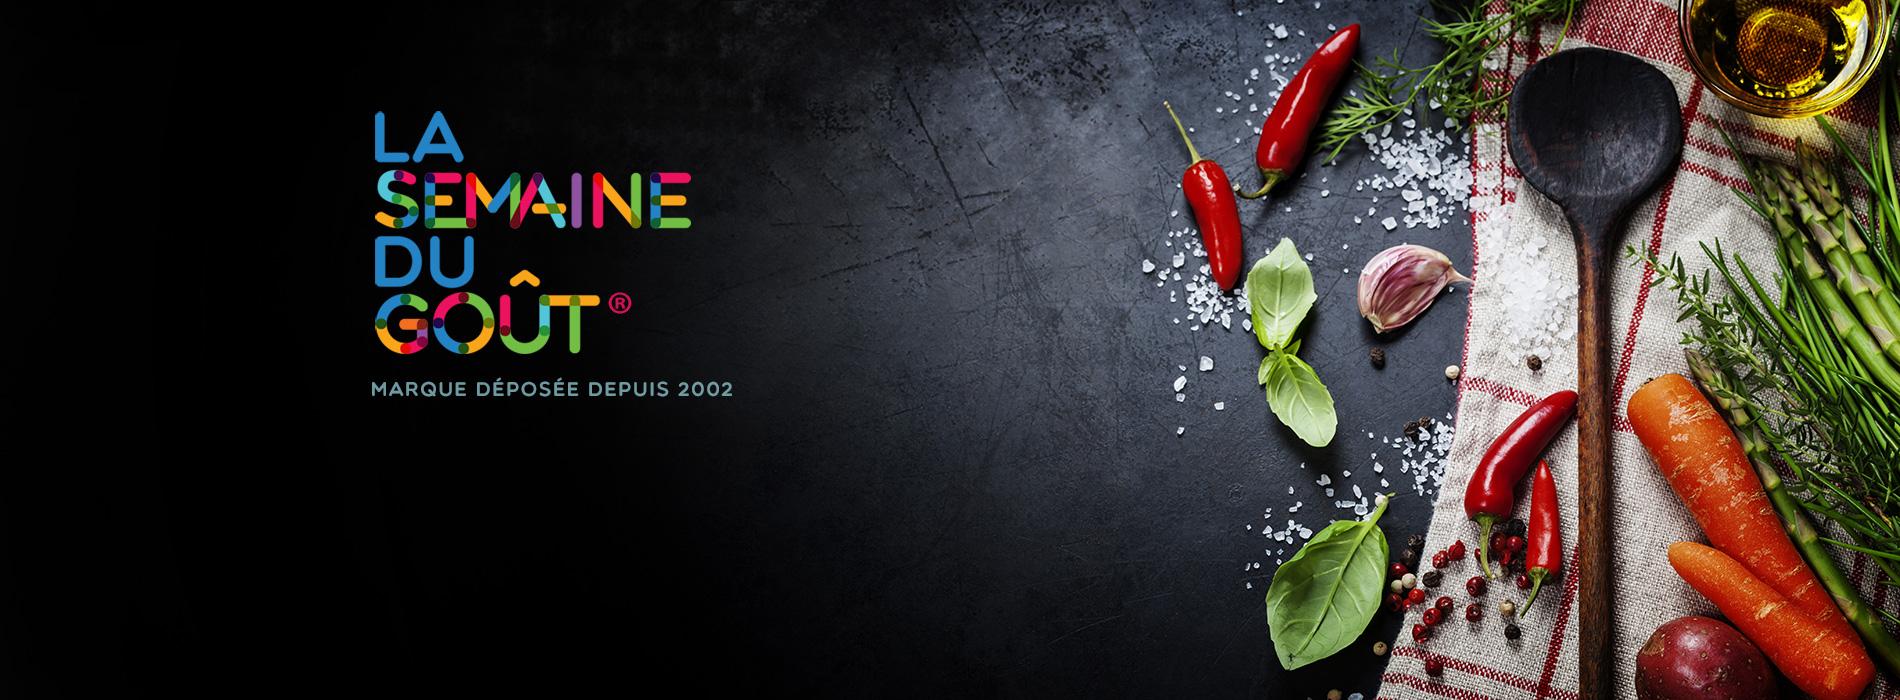 Préférence Semaine du goût 2016 : nouveautés et programme de l'événement EU41